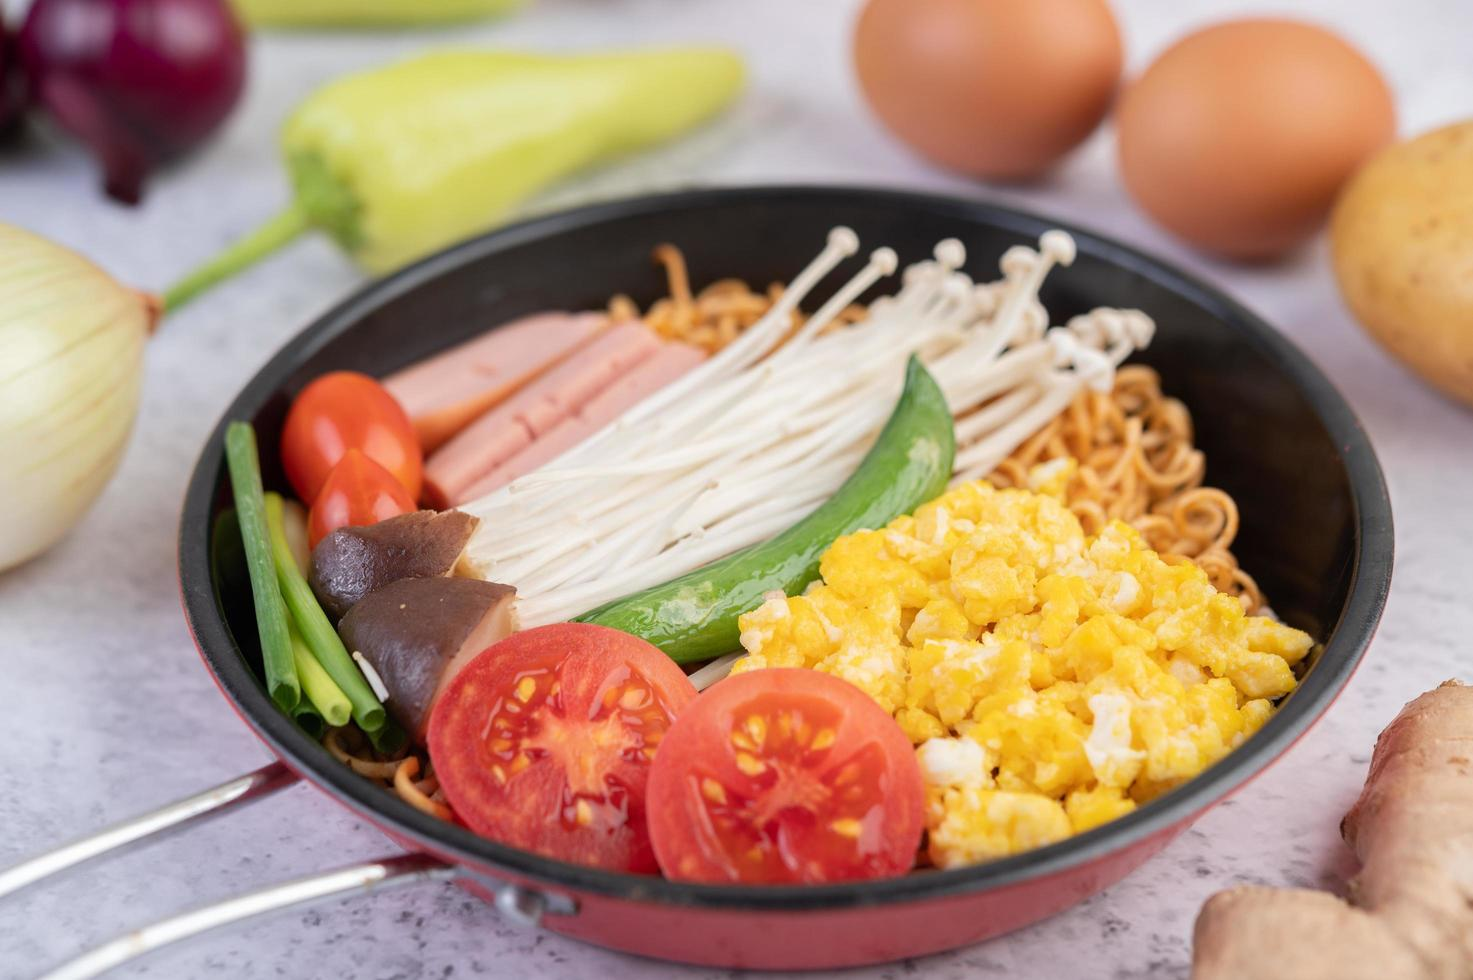 nouilles sautées au maïs, champignon doré, tomate, saucisse et edamame photo